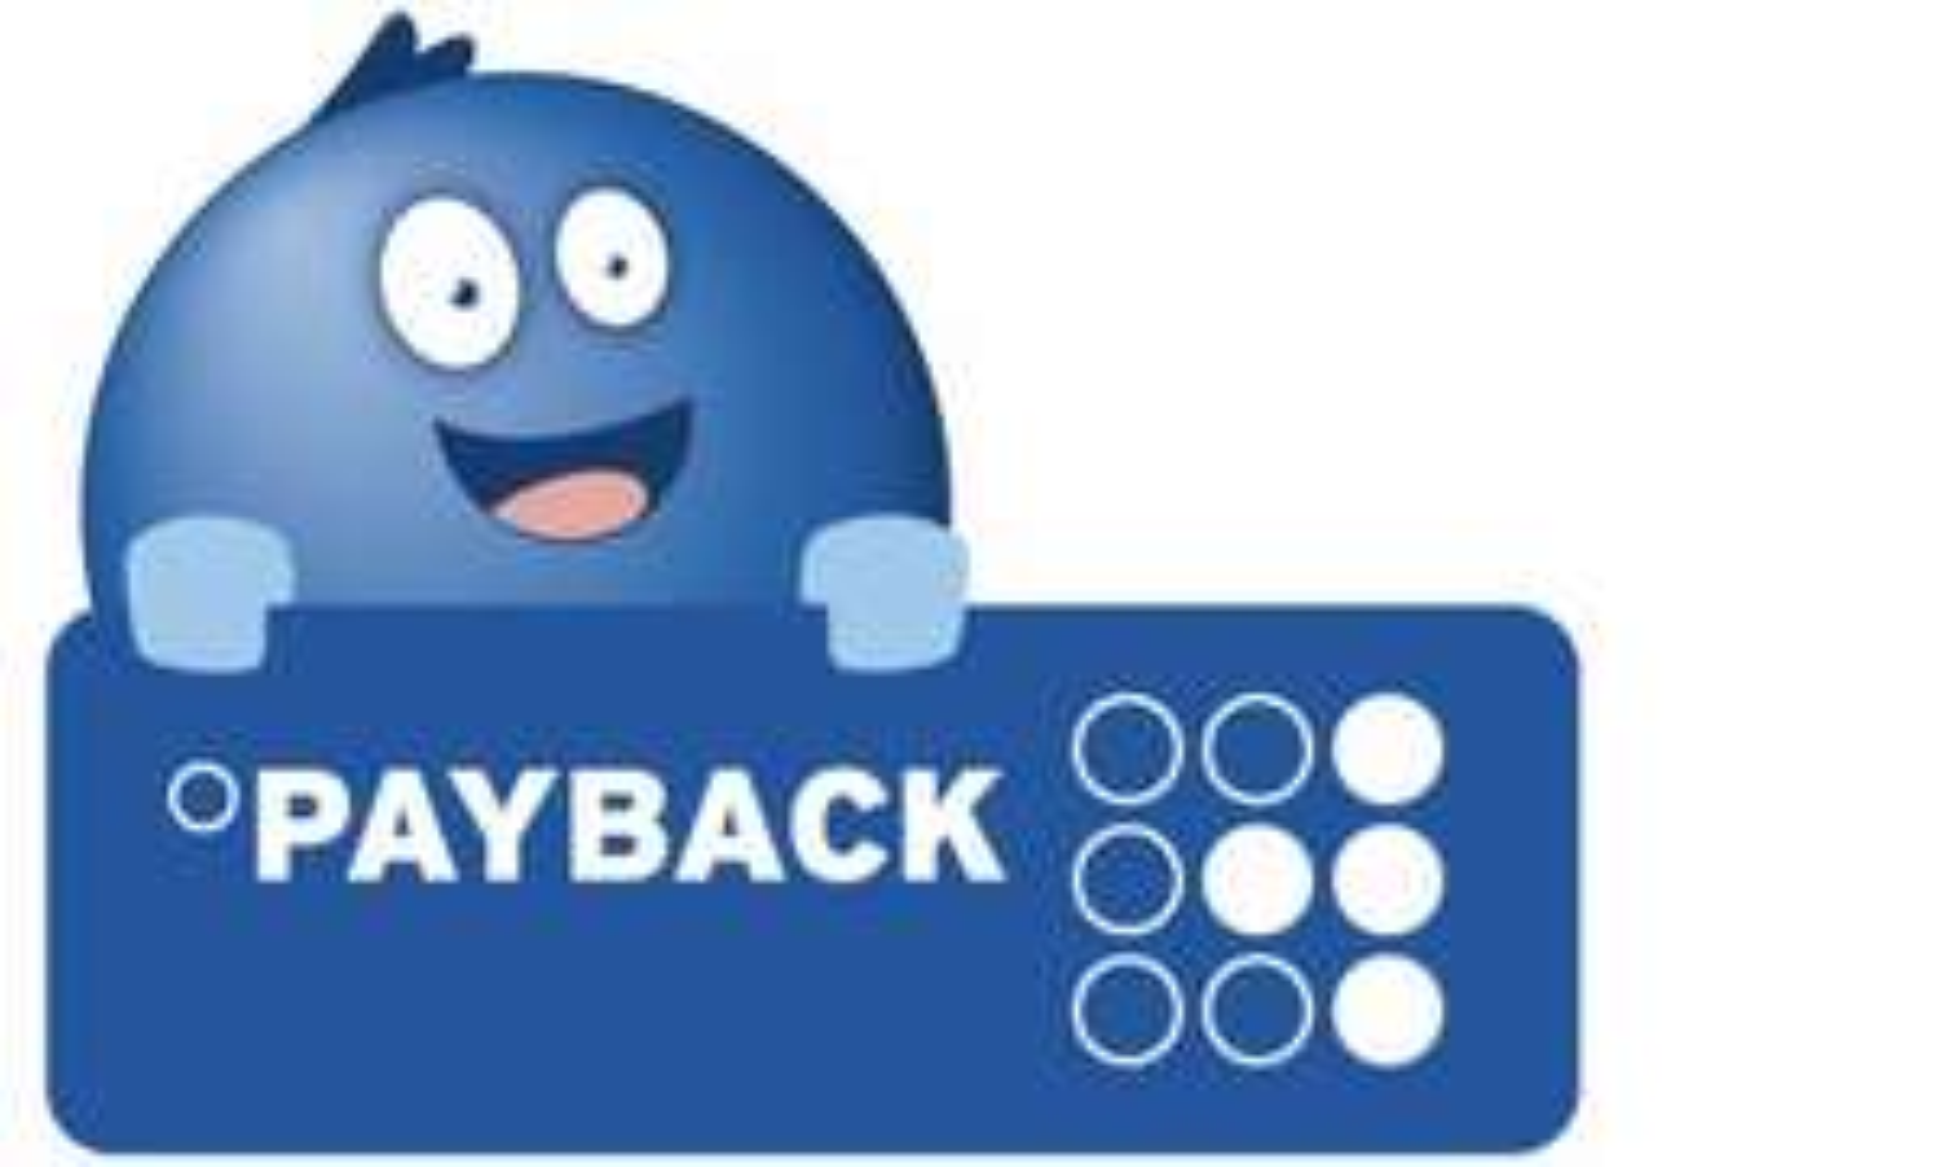 15-fache Payback-Punkte bei Nike, AboutYou, Schwab, Deichmann, EMP, Weltbild usw. über die Payback App